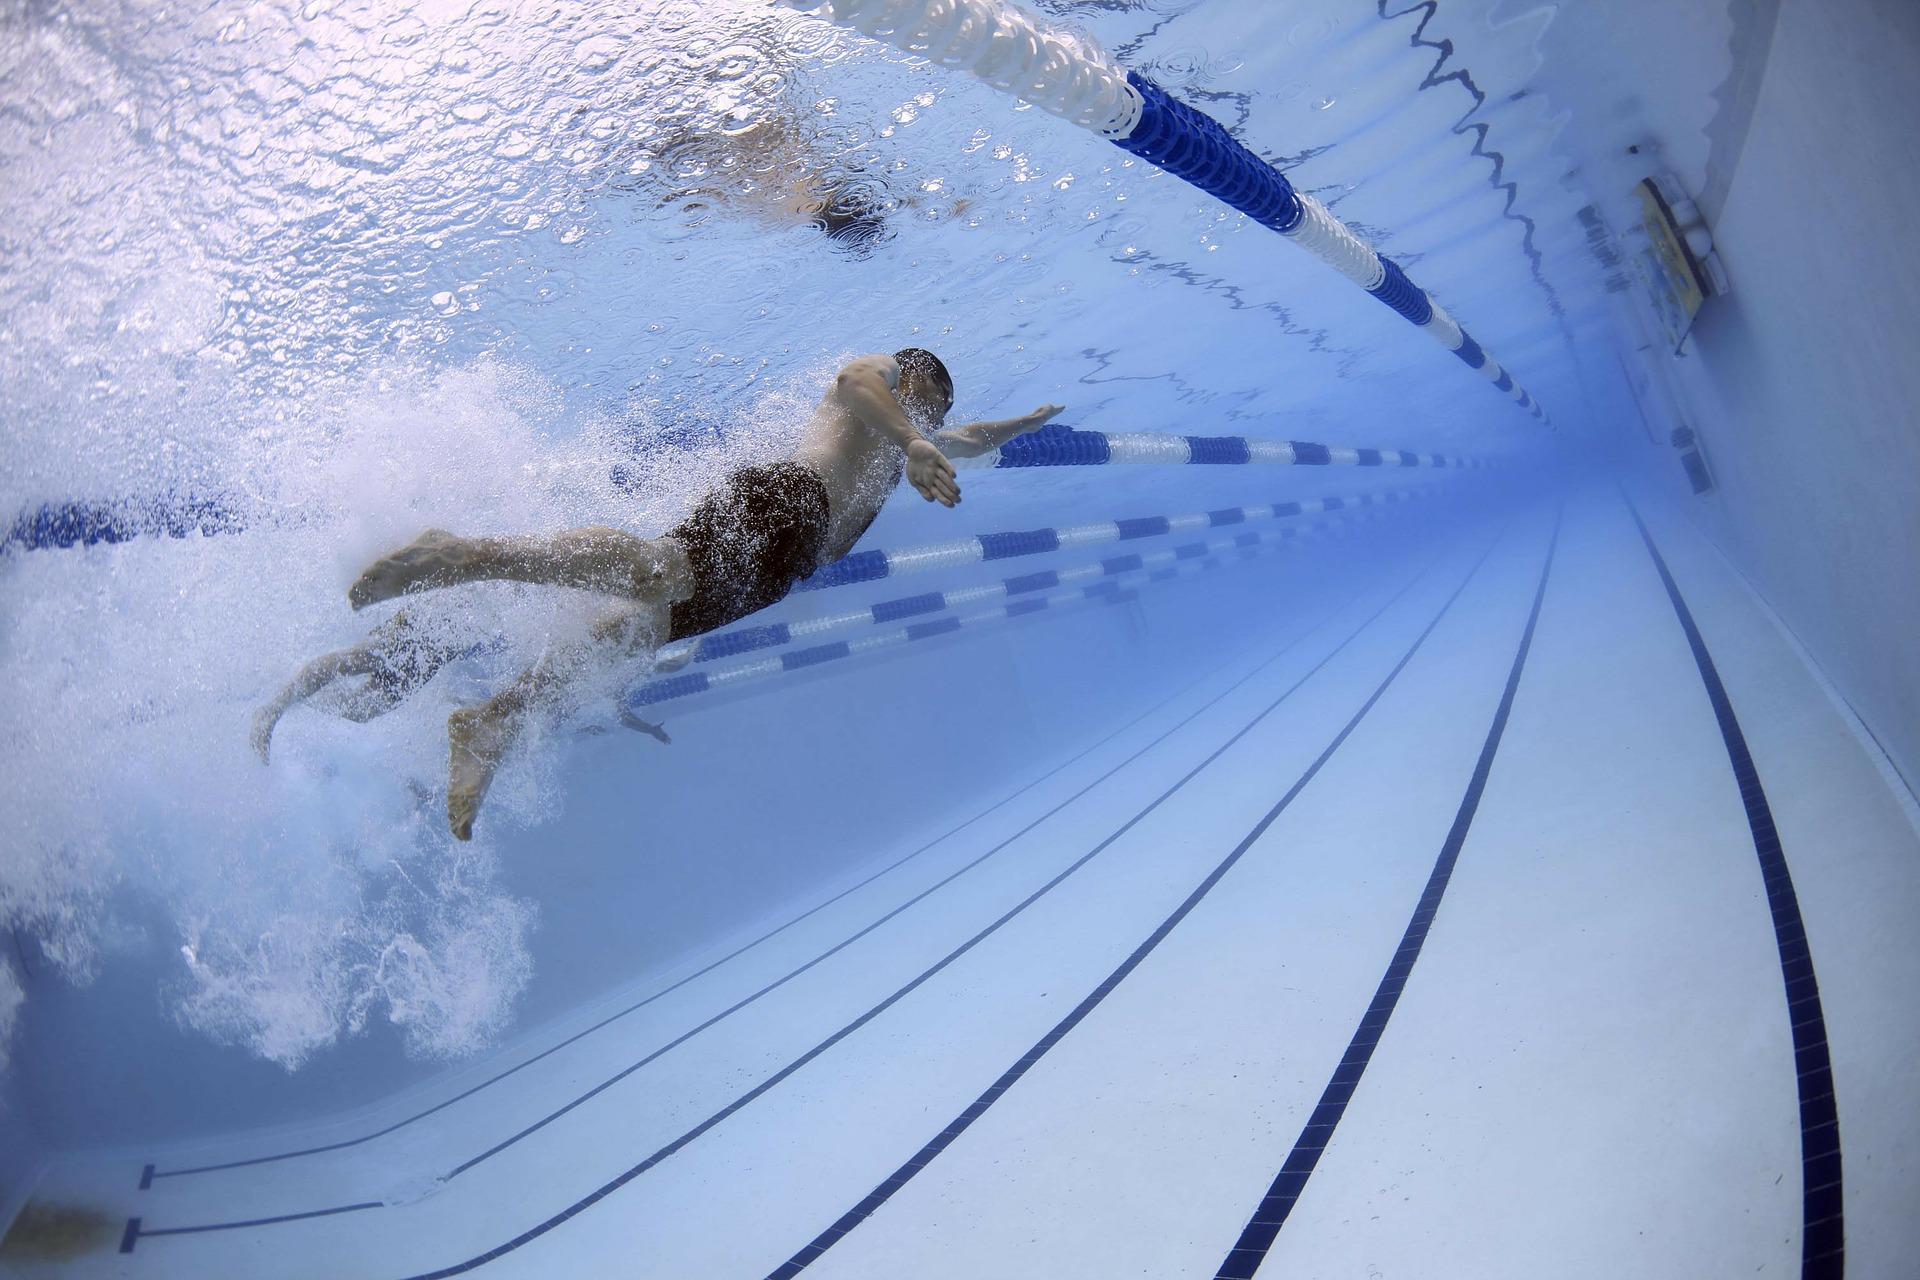 Nageur dans une piscine olympique